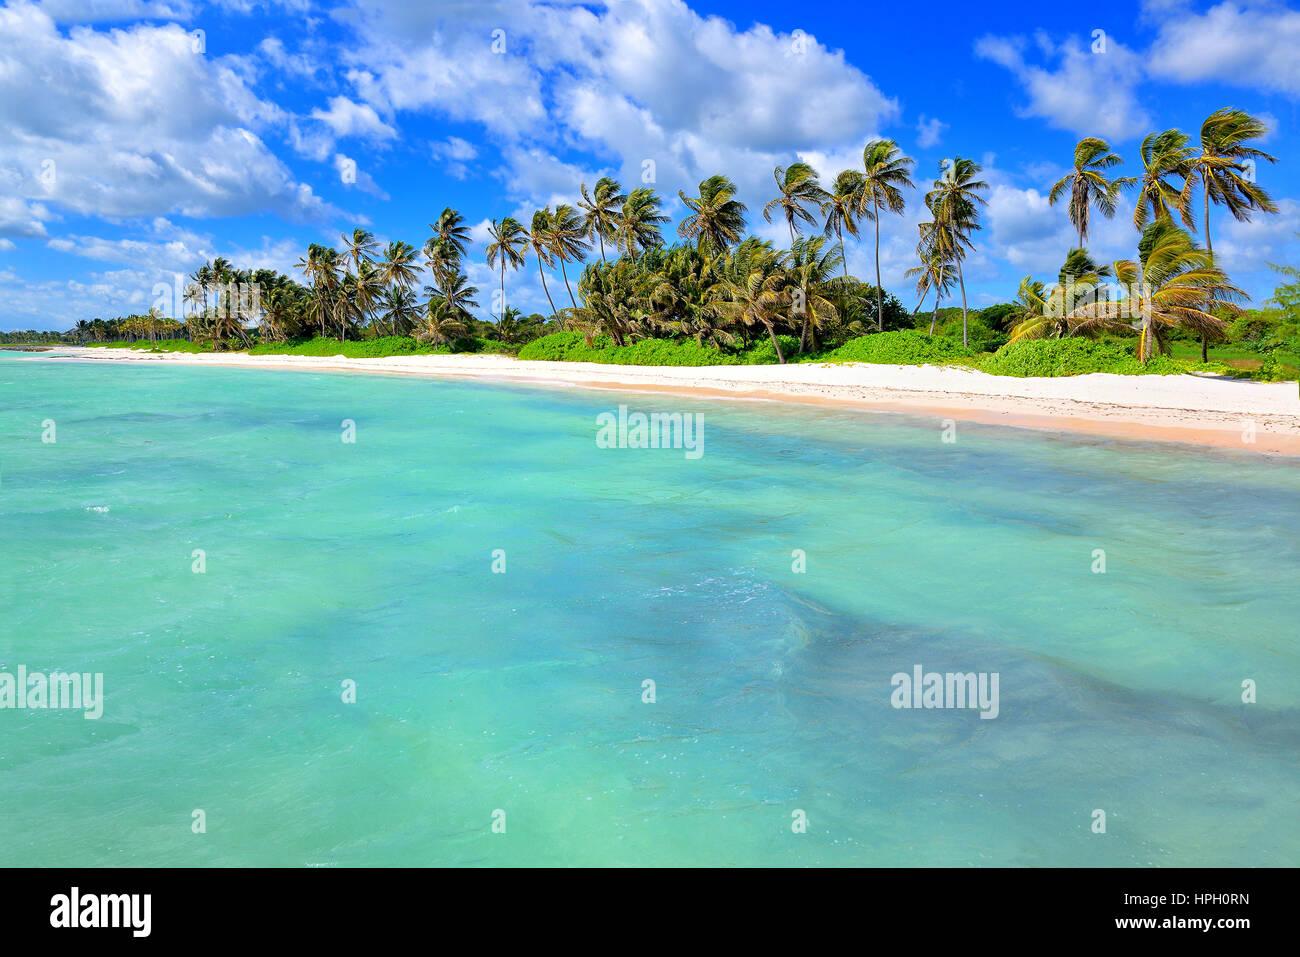 Playa de arena blanca tropical con palmeras. Punta Cana, República Dominicana Imagen De Stock